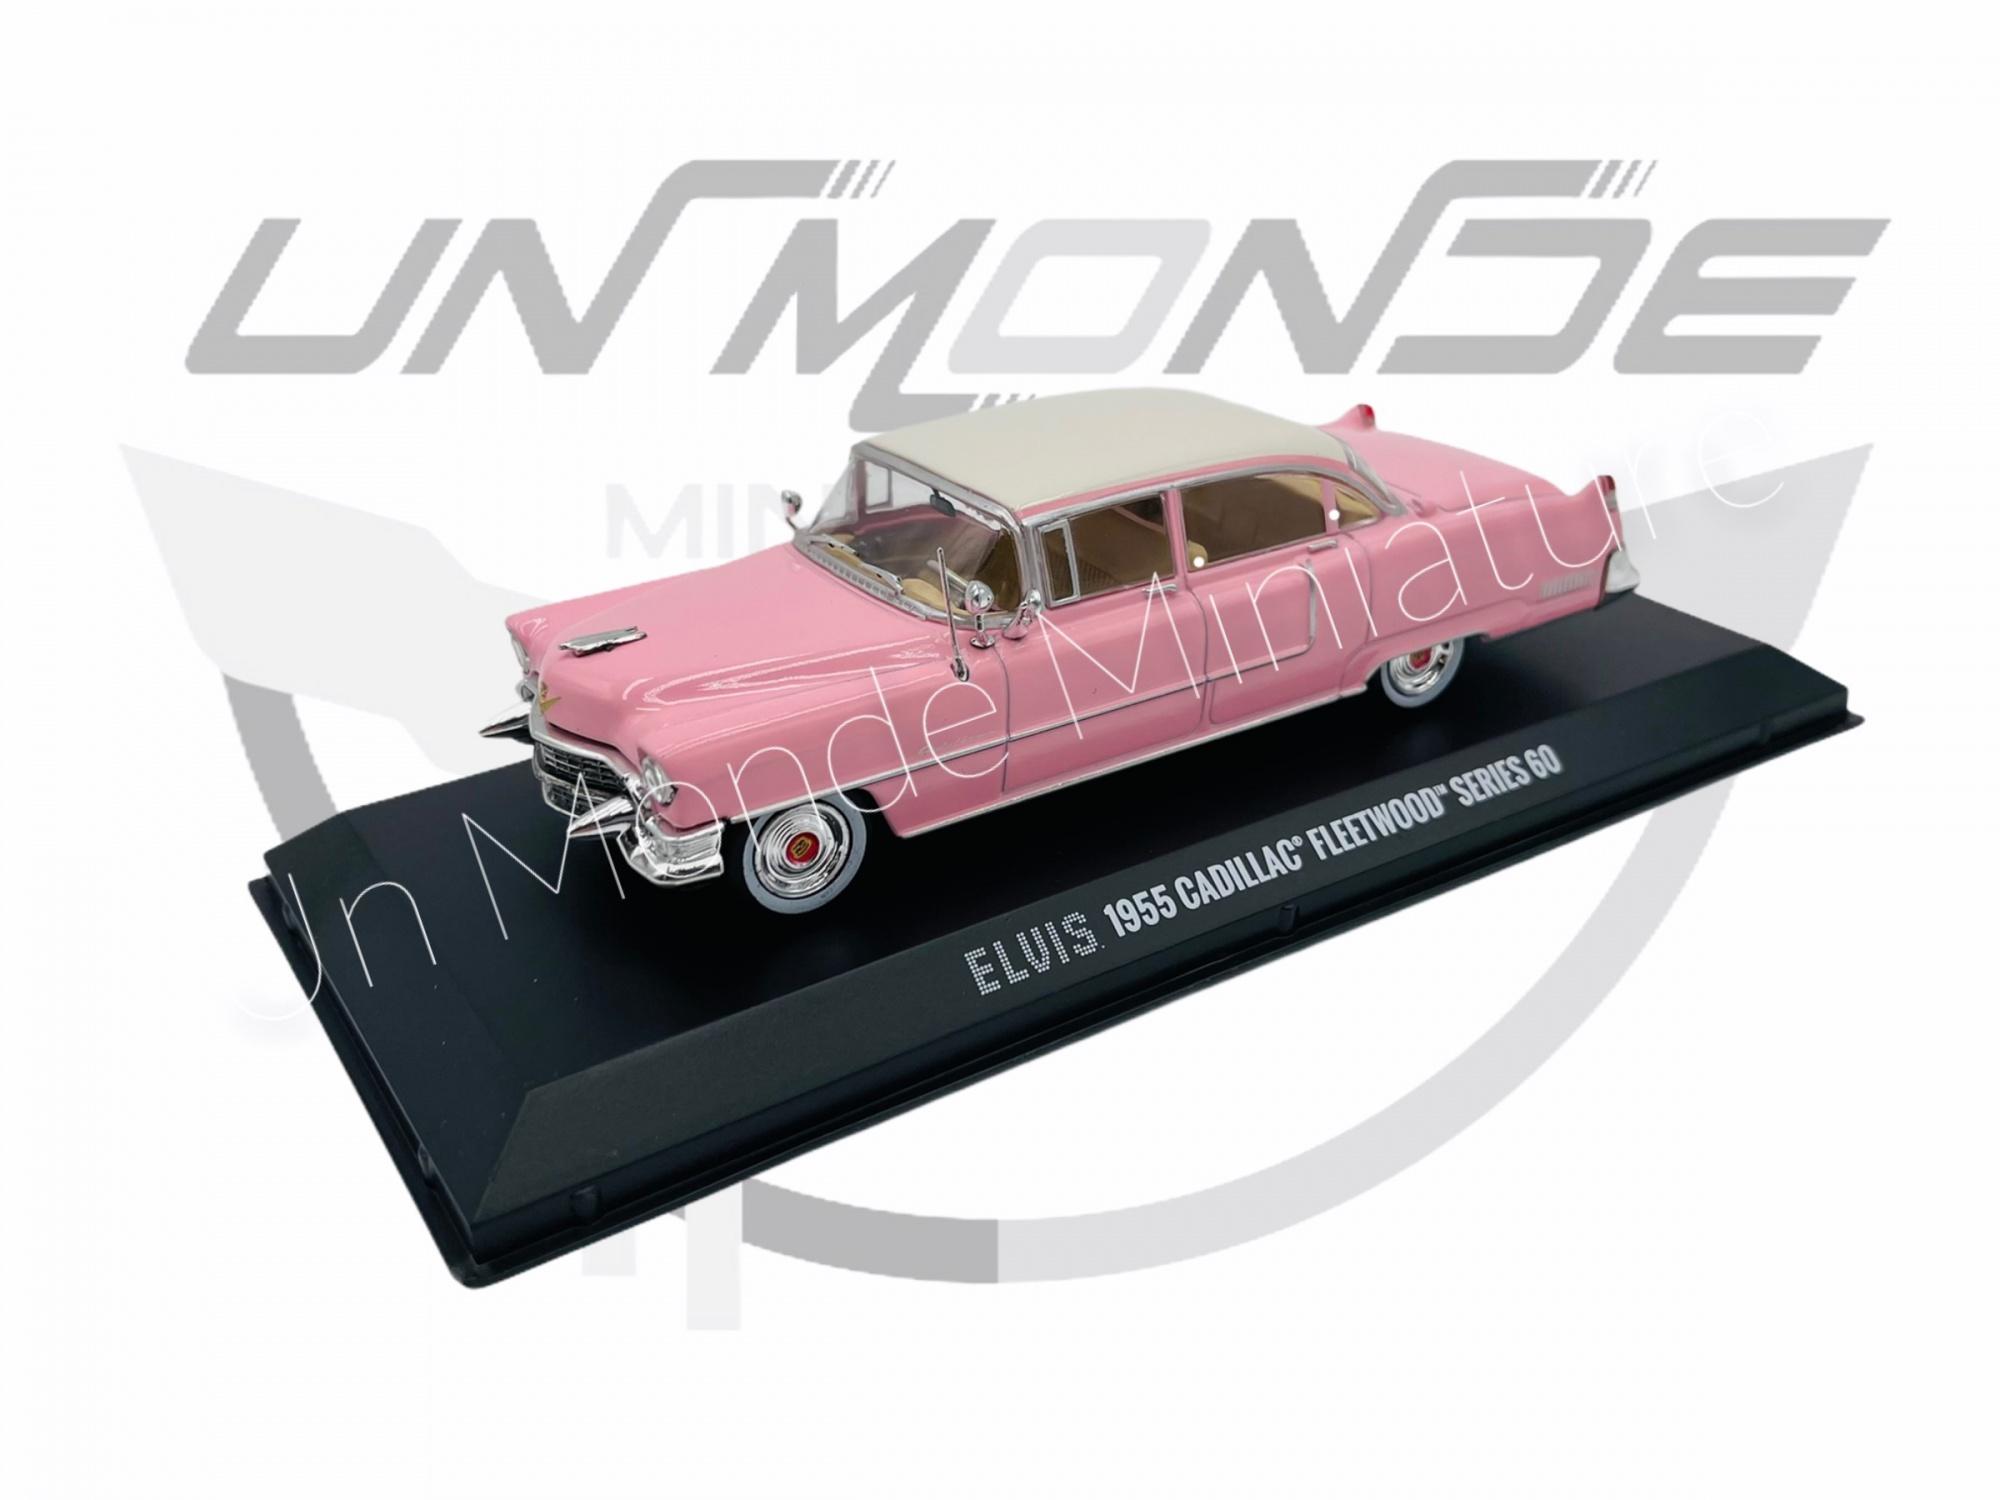 1955 Cadillac Fleetwood Series 60